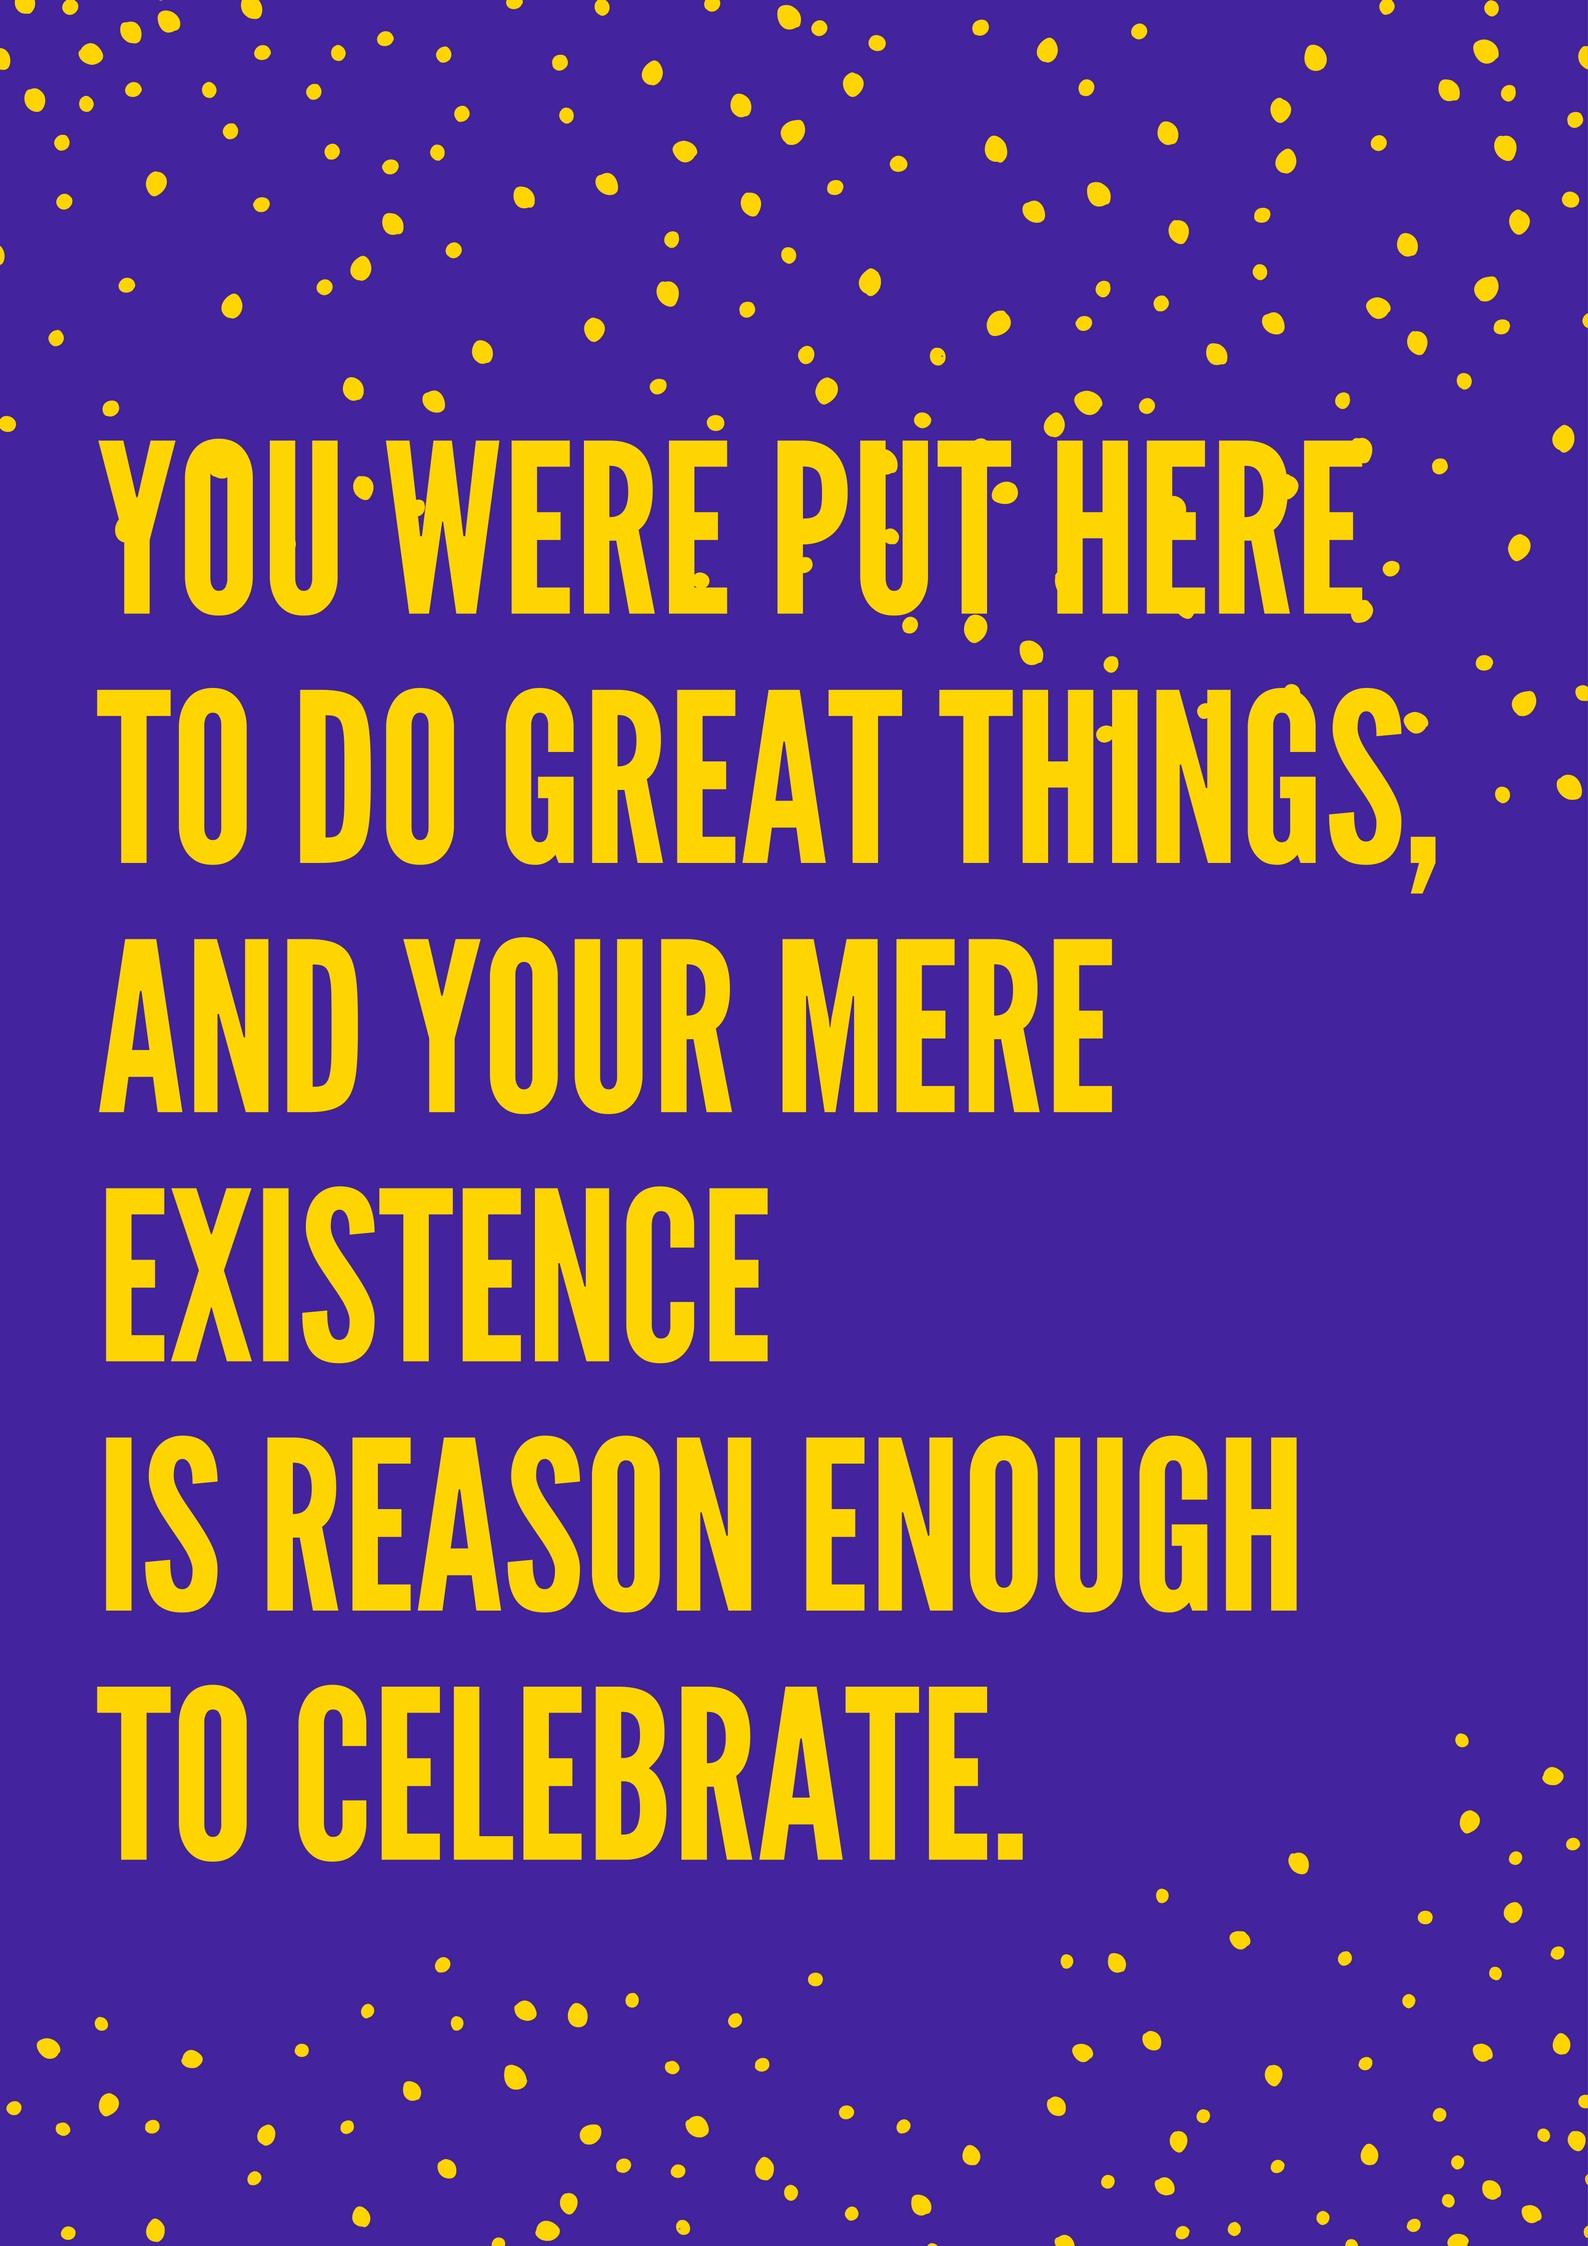 Do Great Things!.jpg